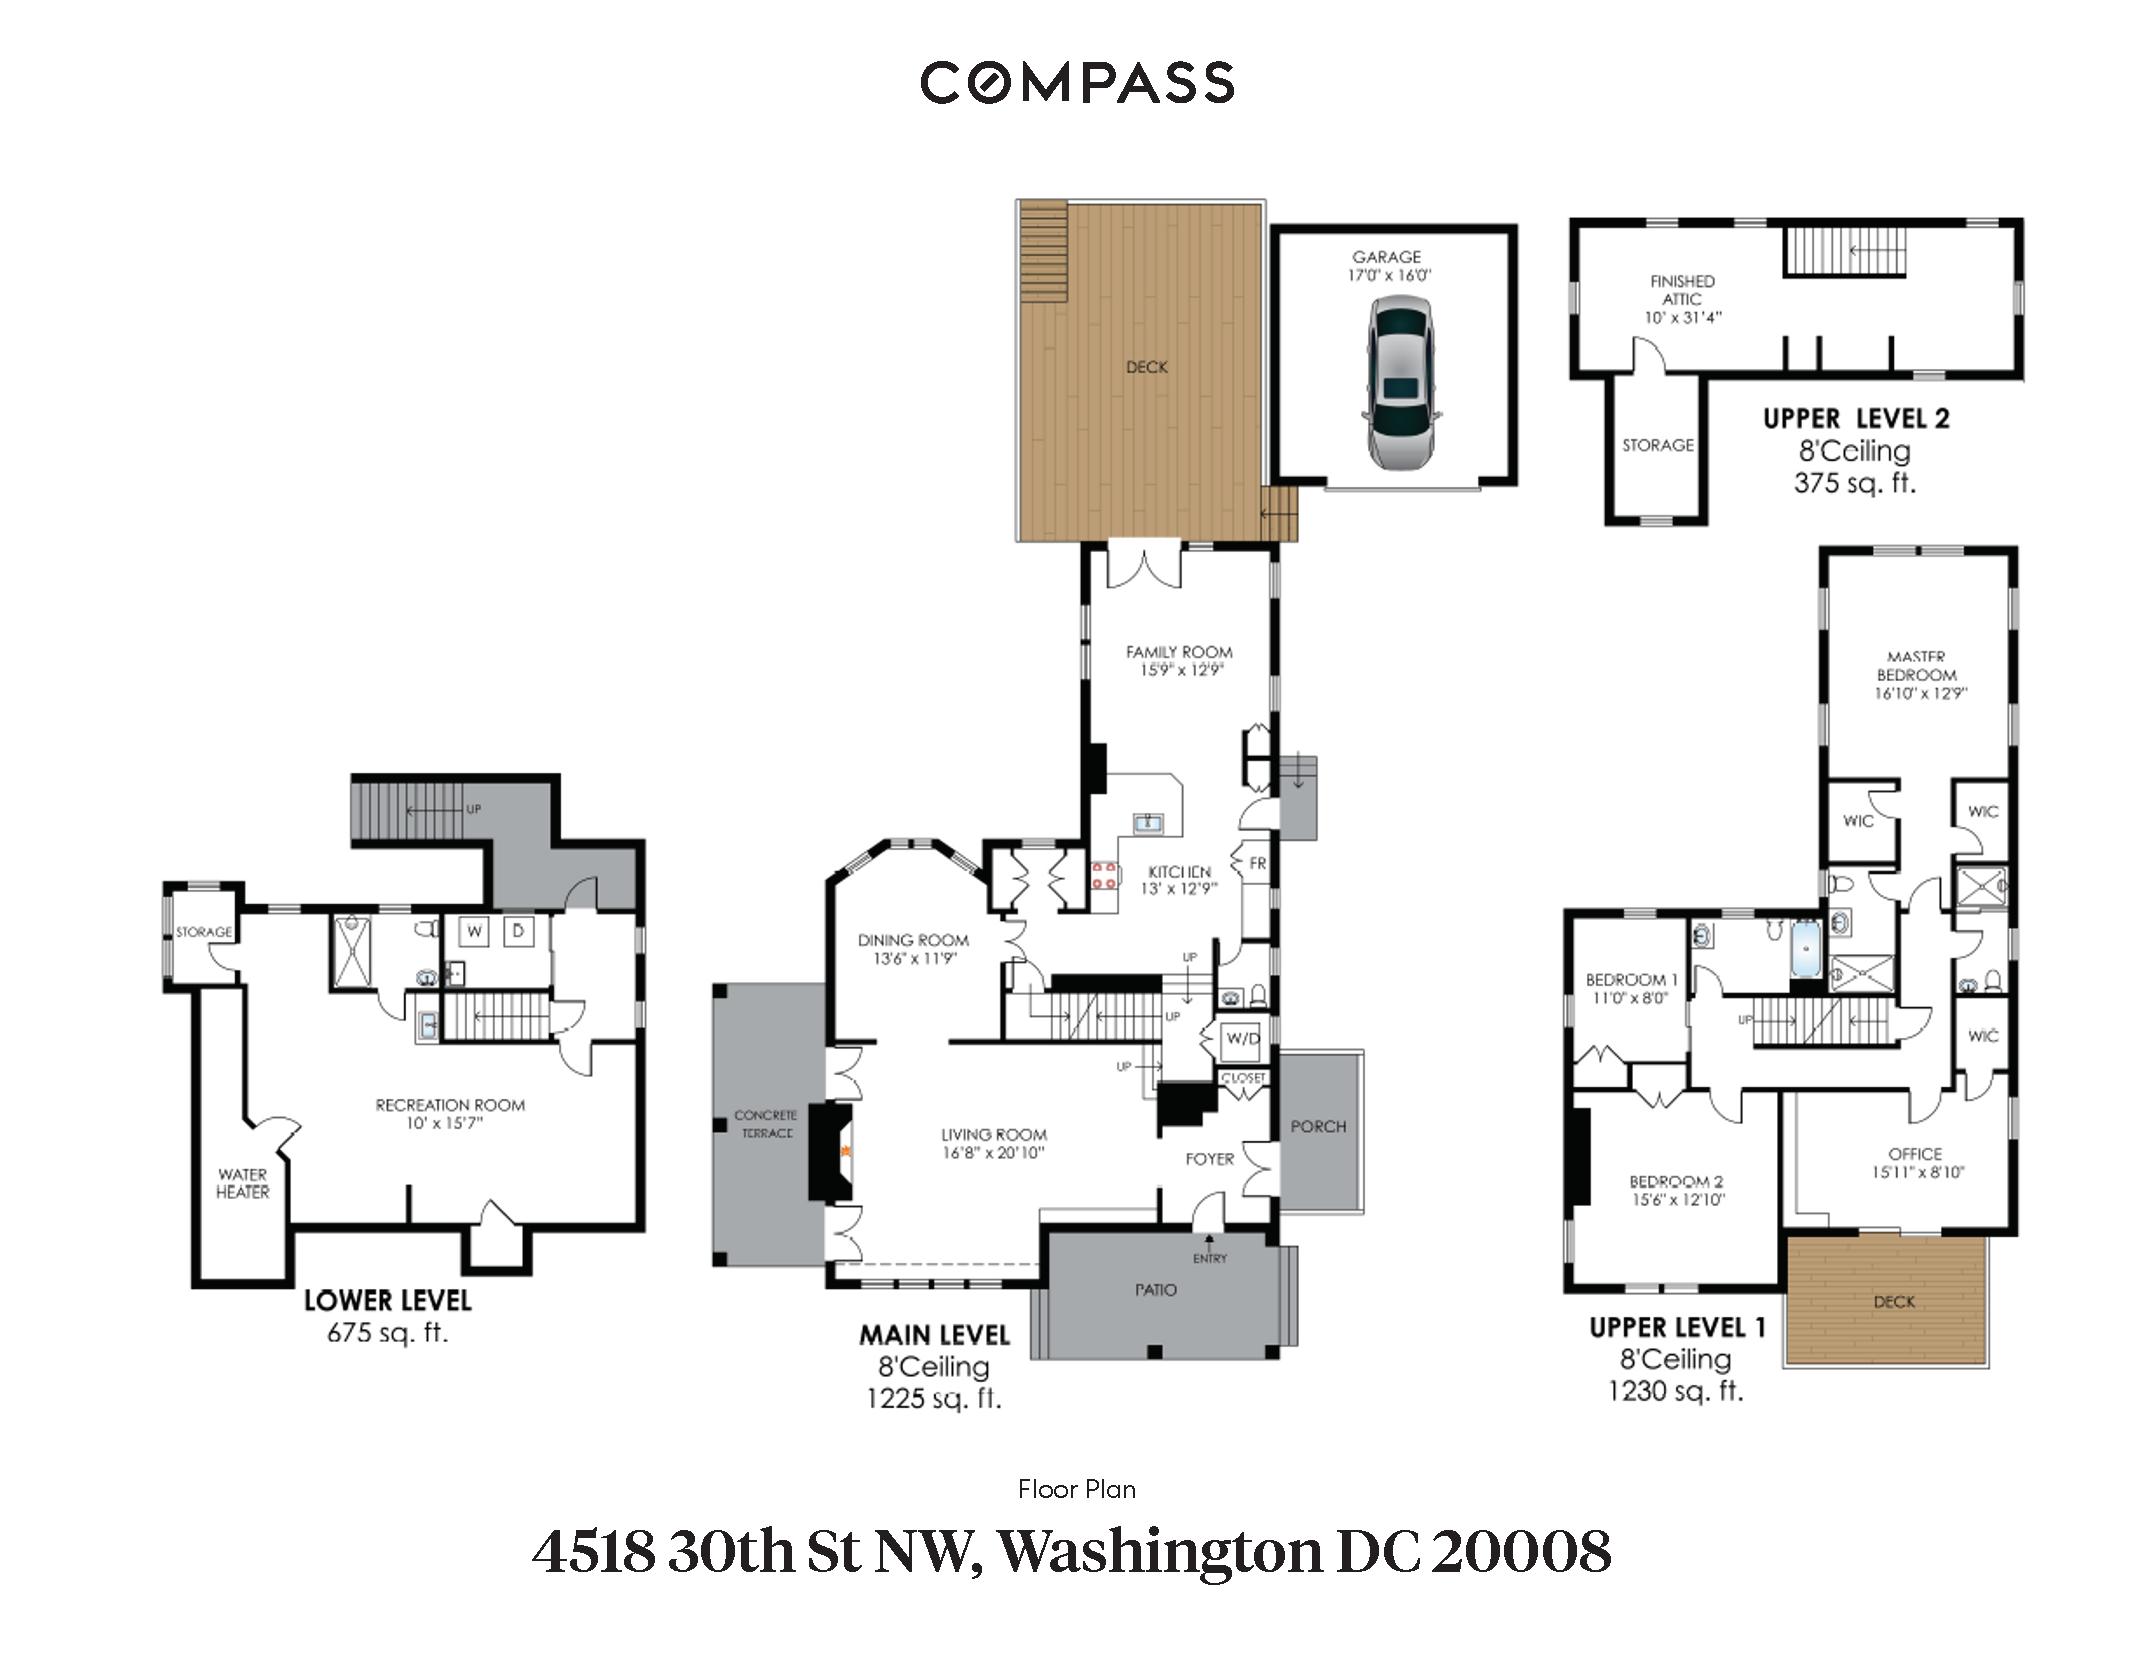 Compass-Sample Floor Plan.png